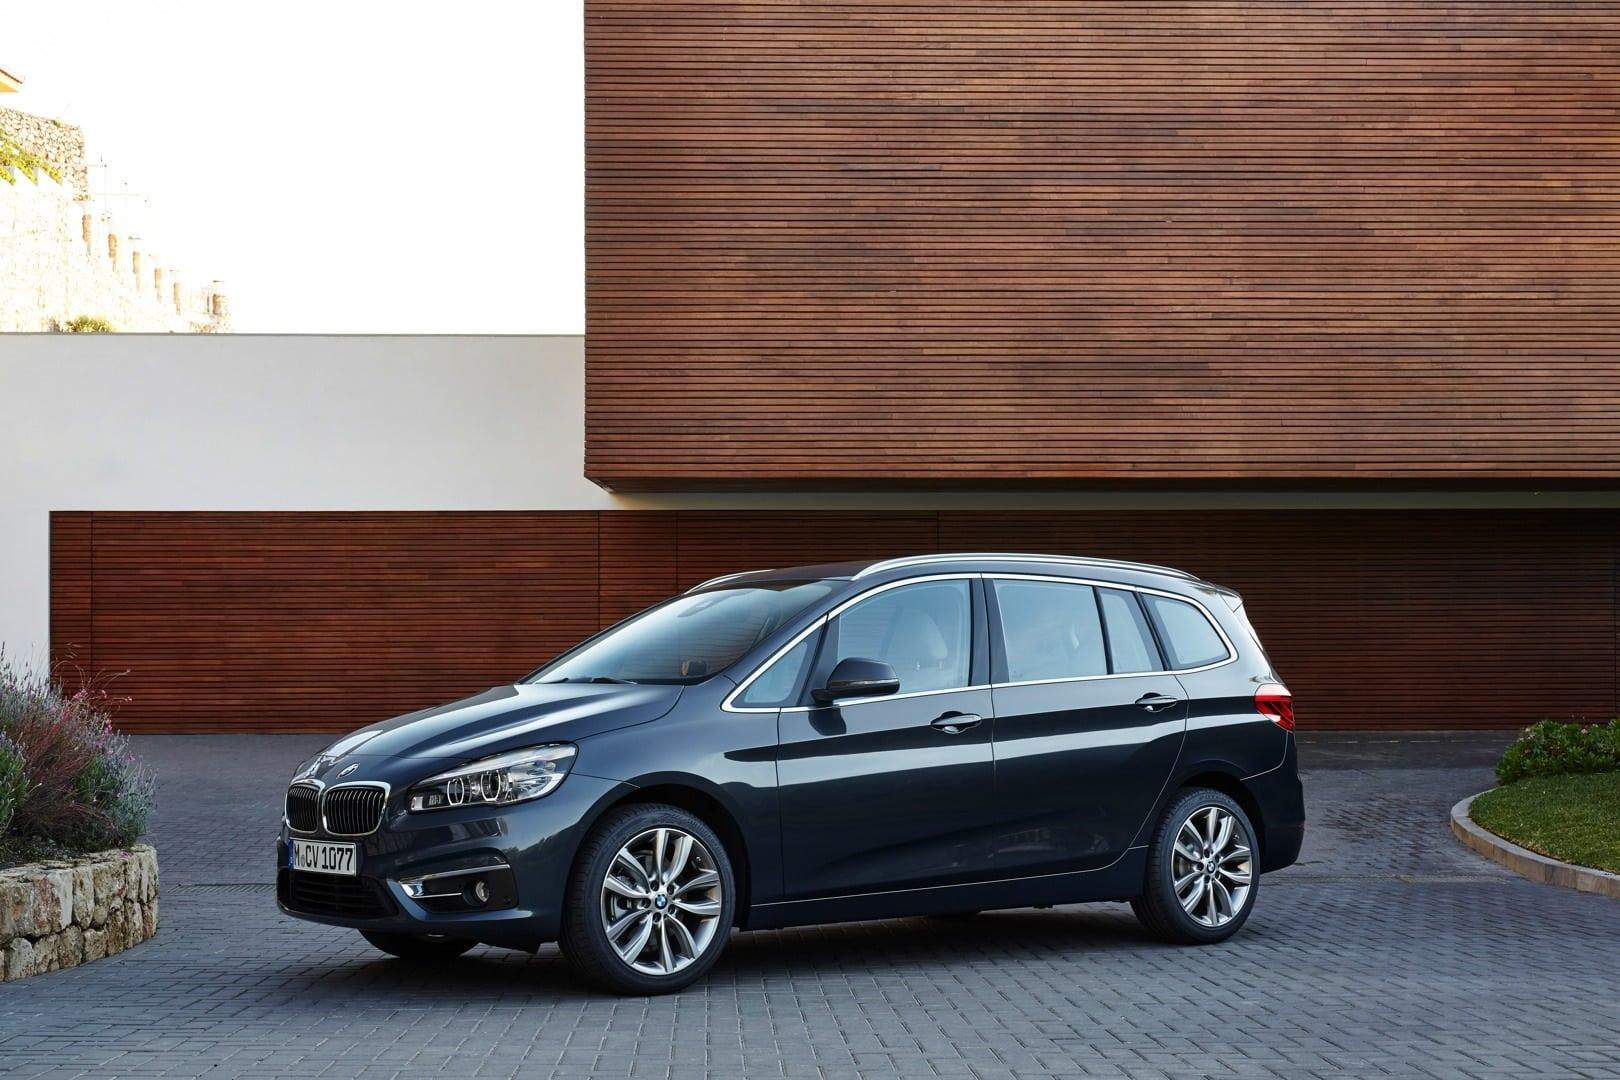 2020 BMW 2 Series Gran Tourer Exterior